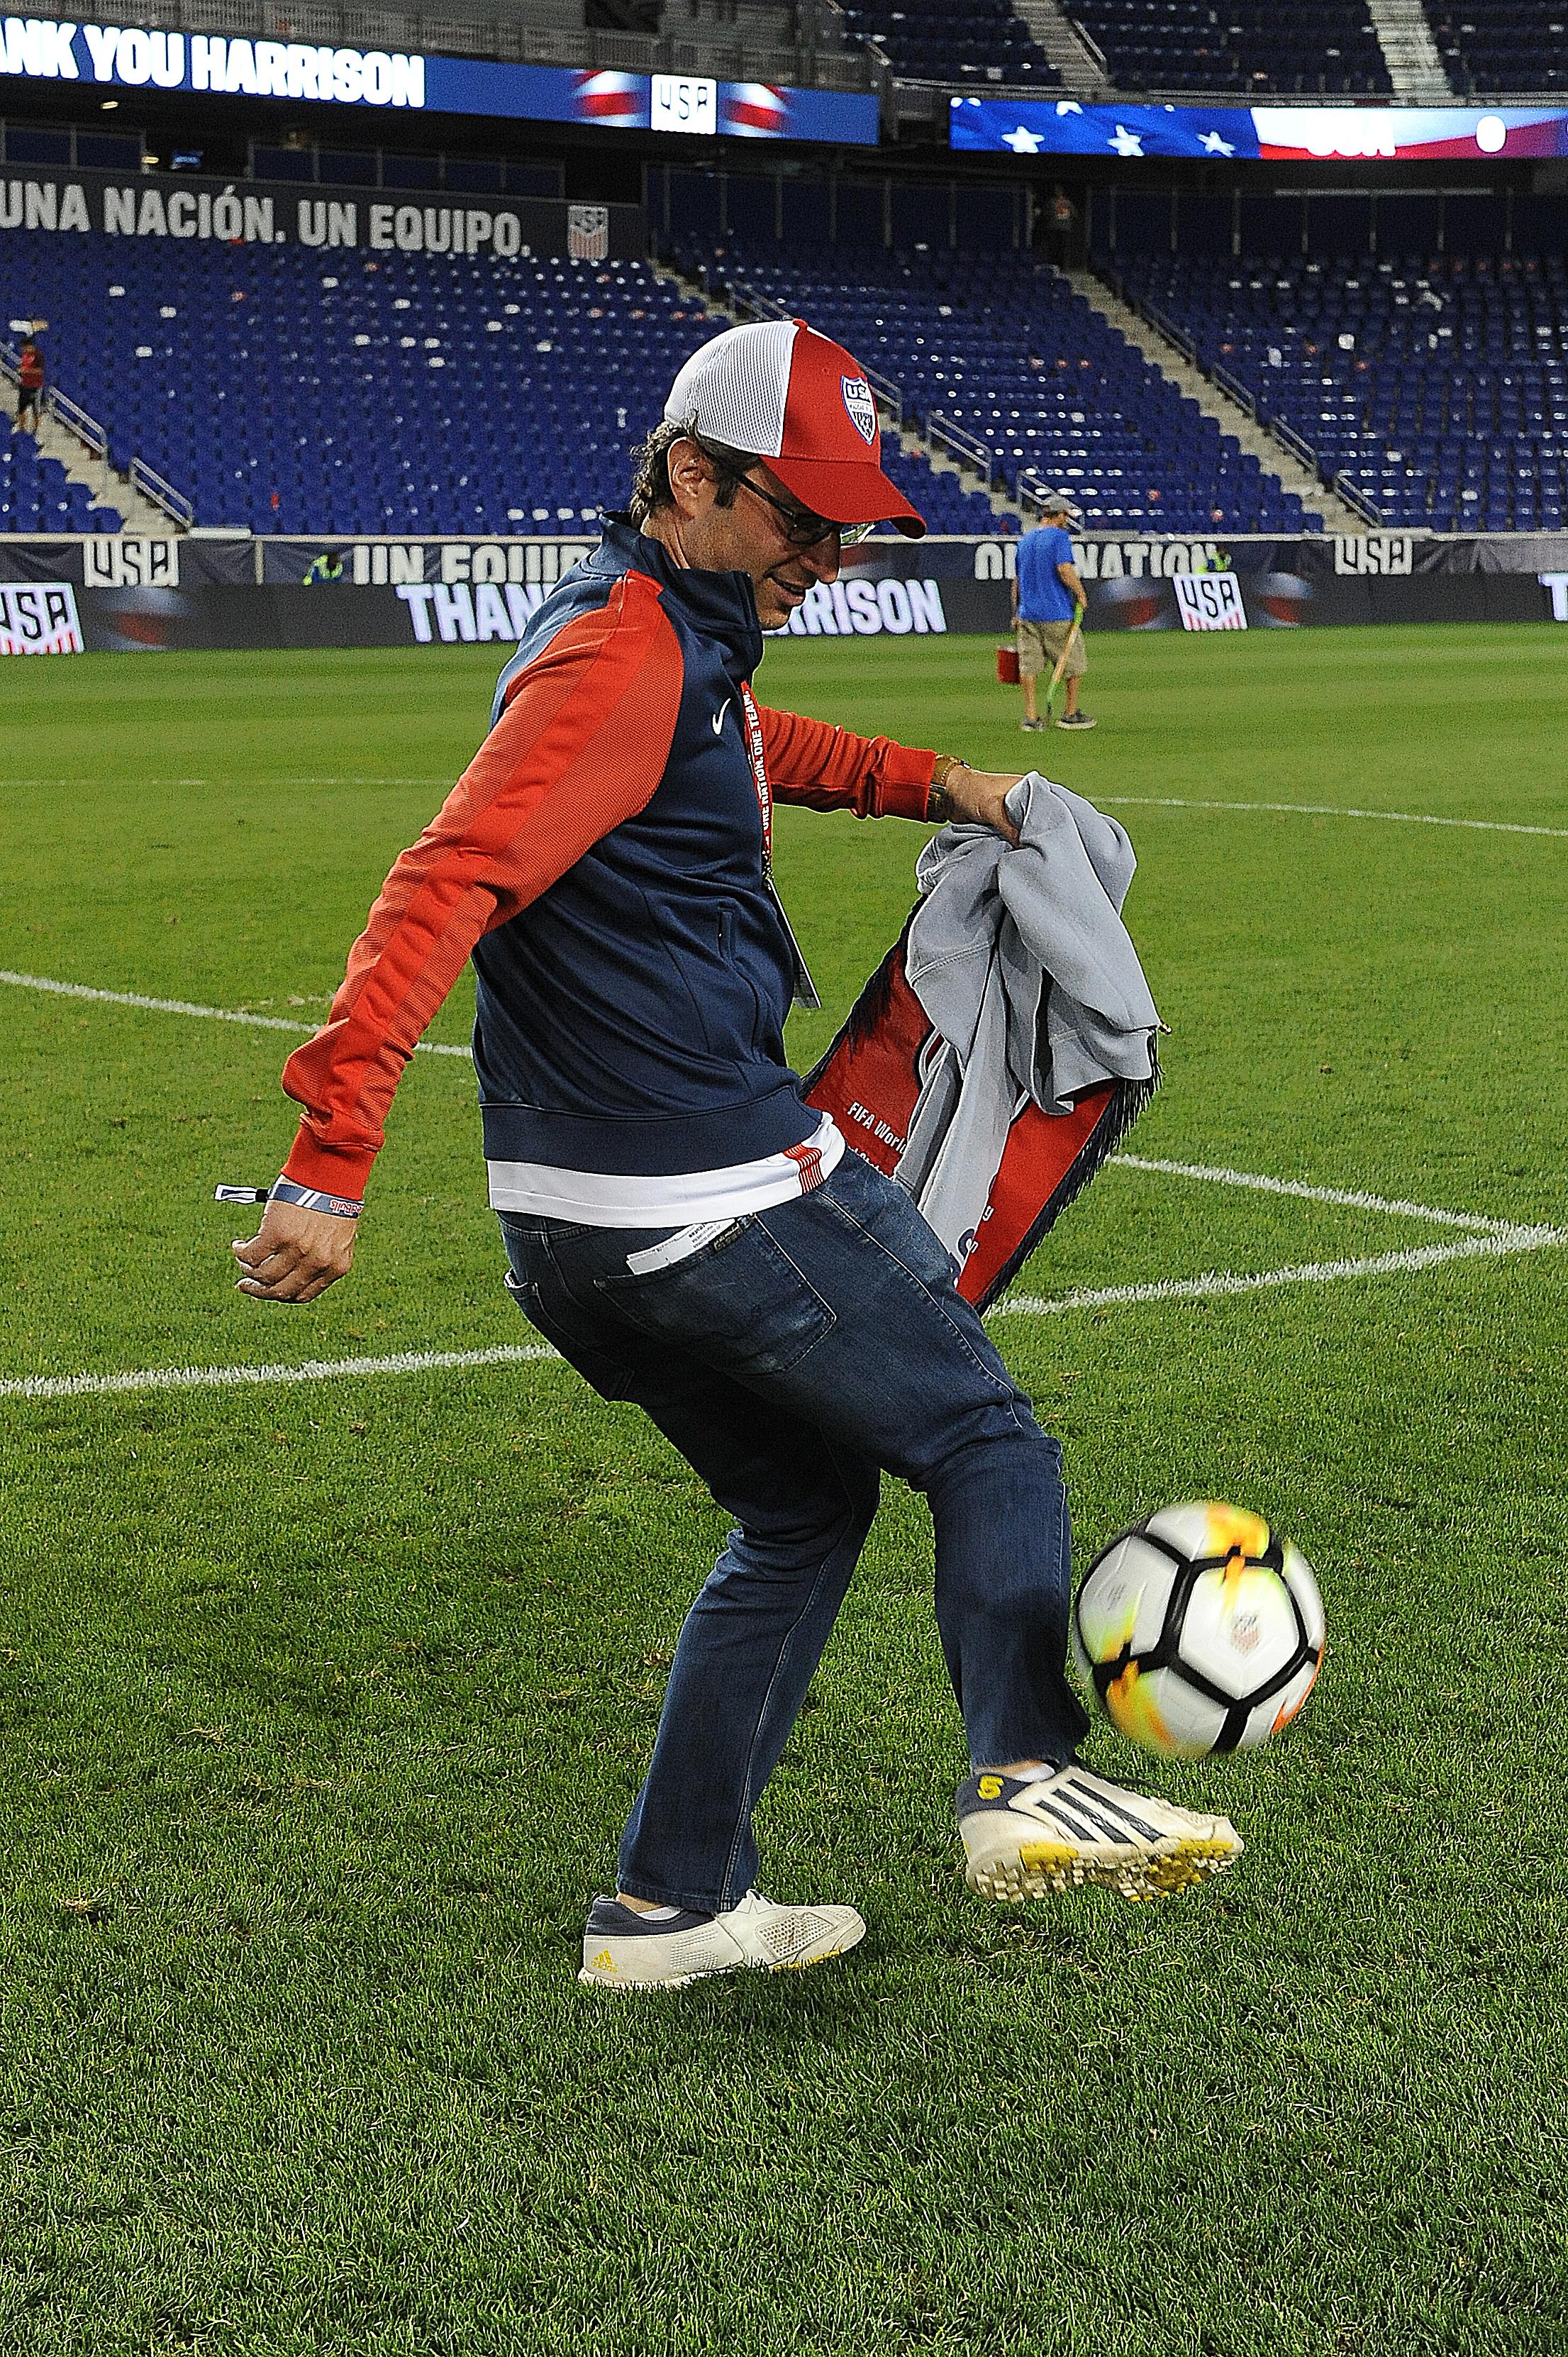 us_soccer_images_042_13.jpg